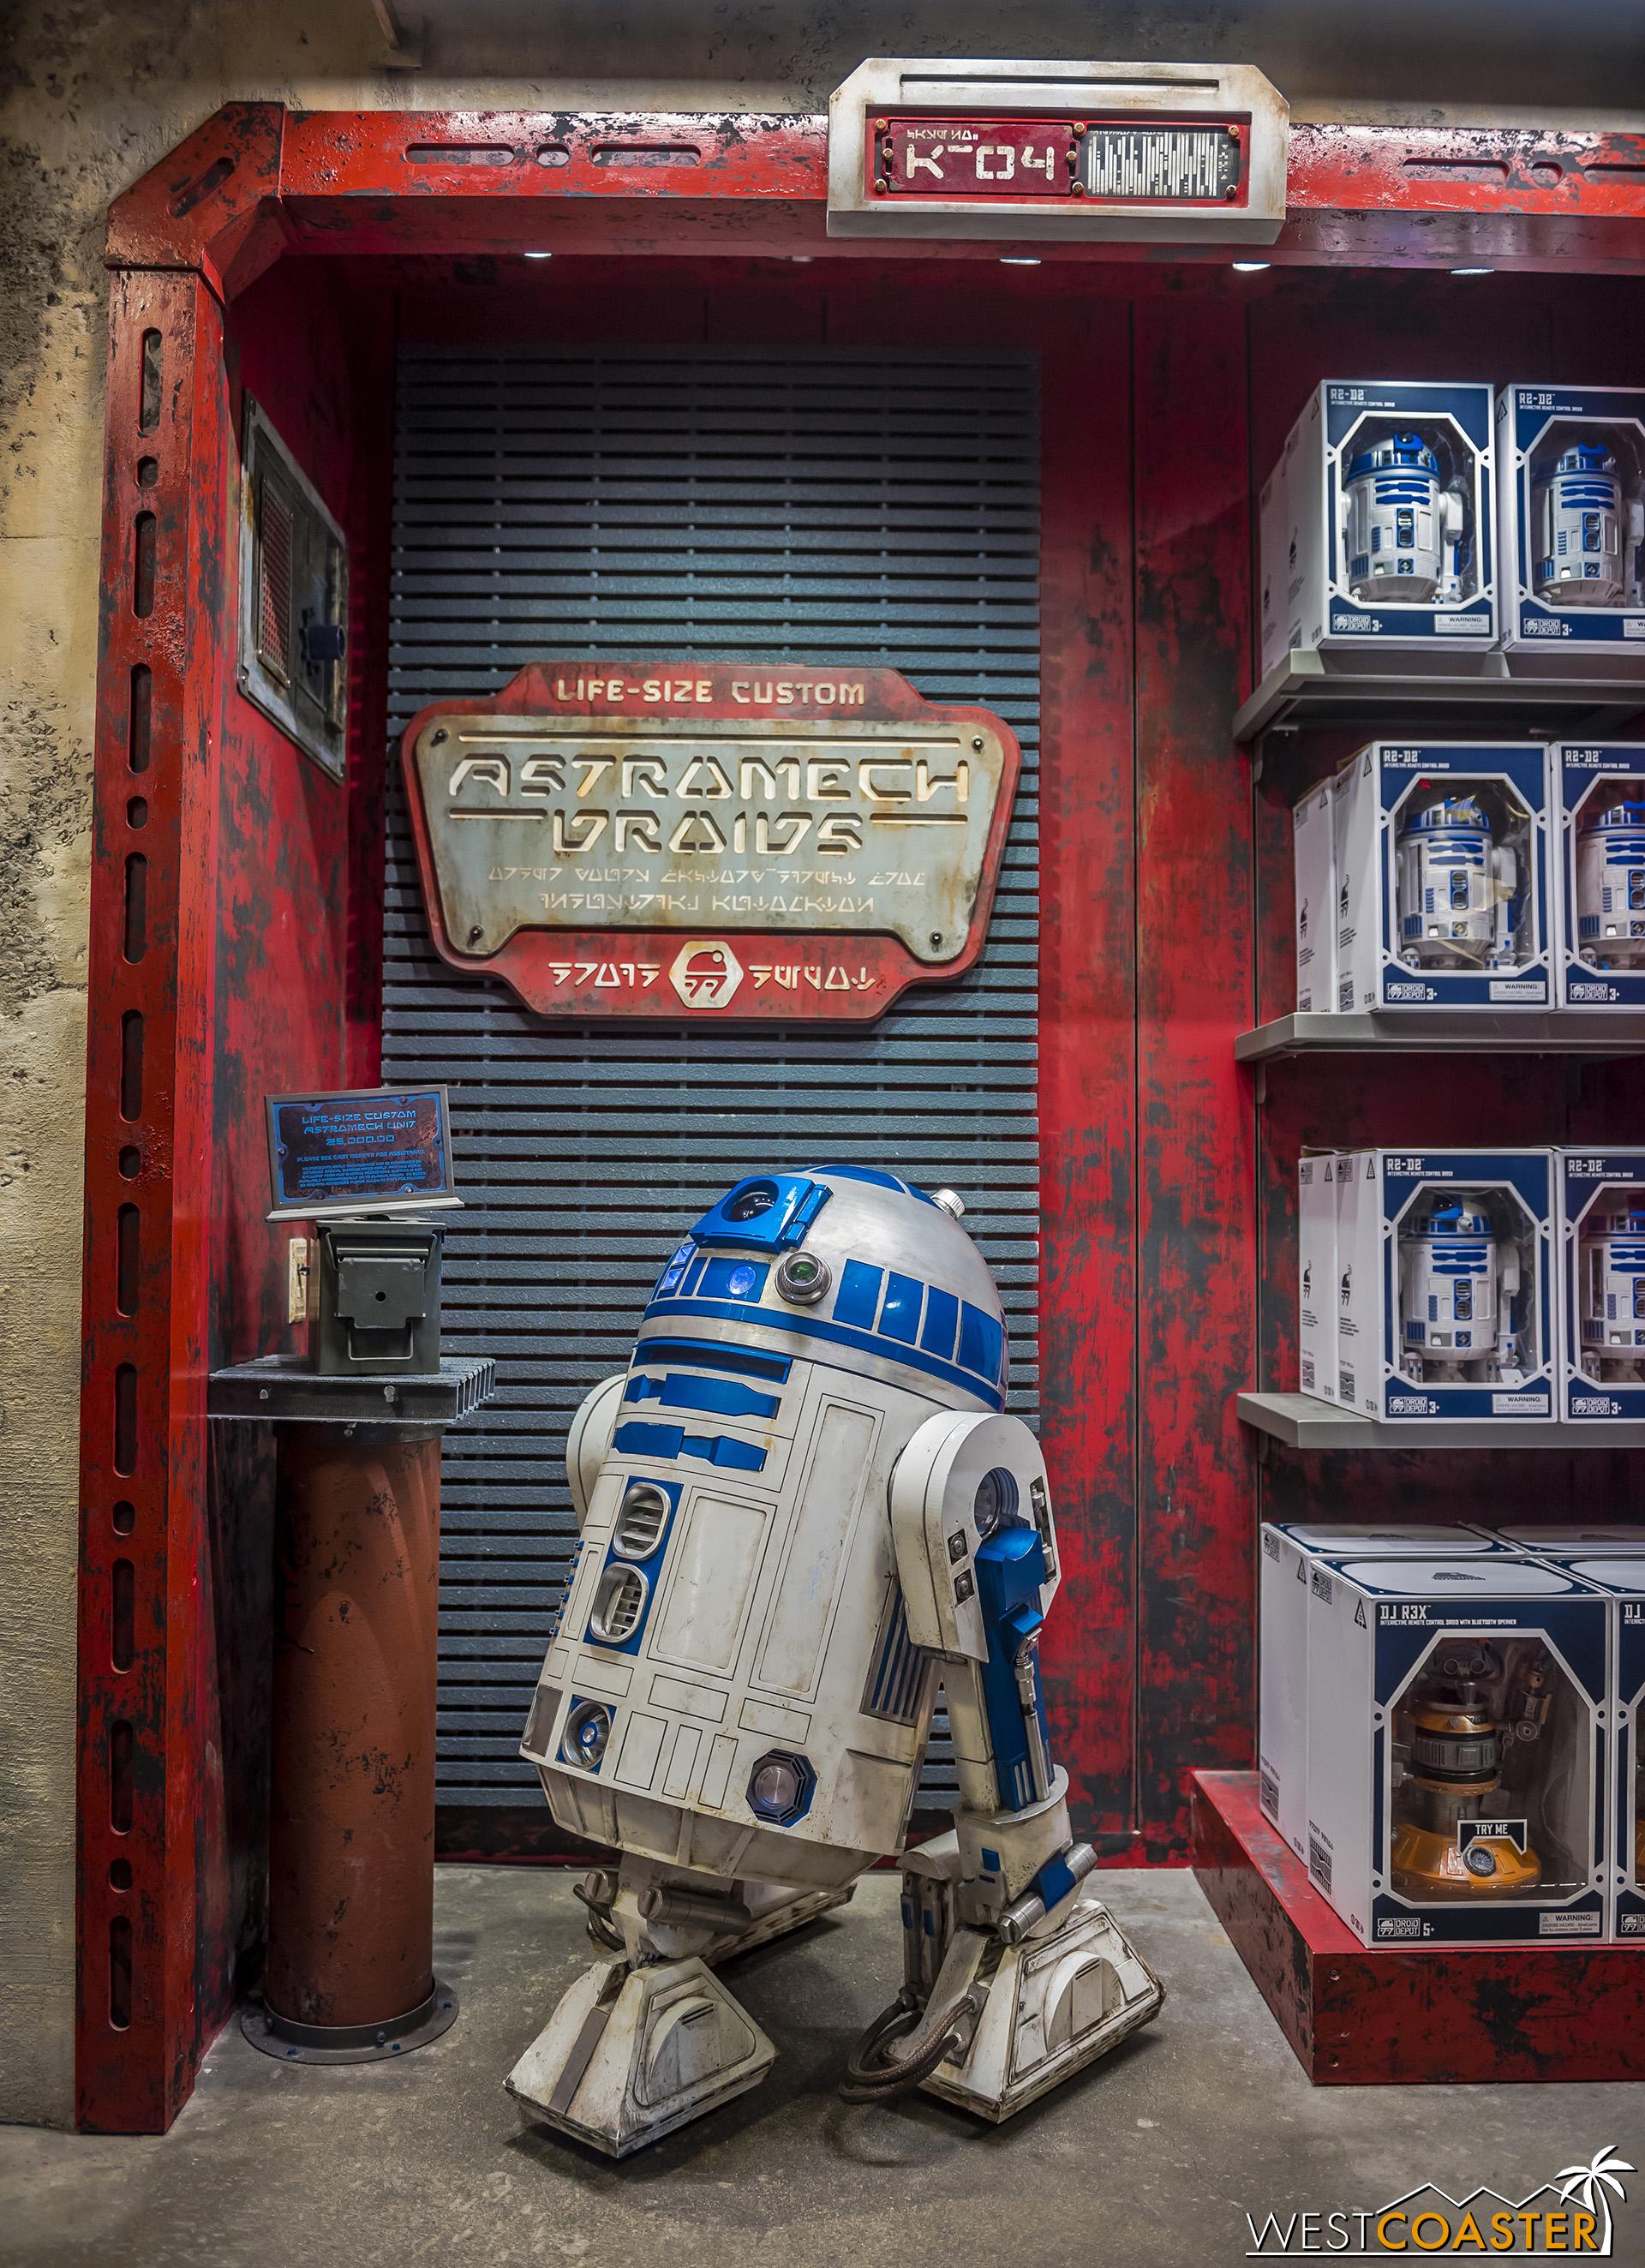 Plus a life-size R2-D2!